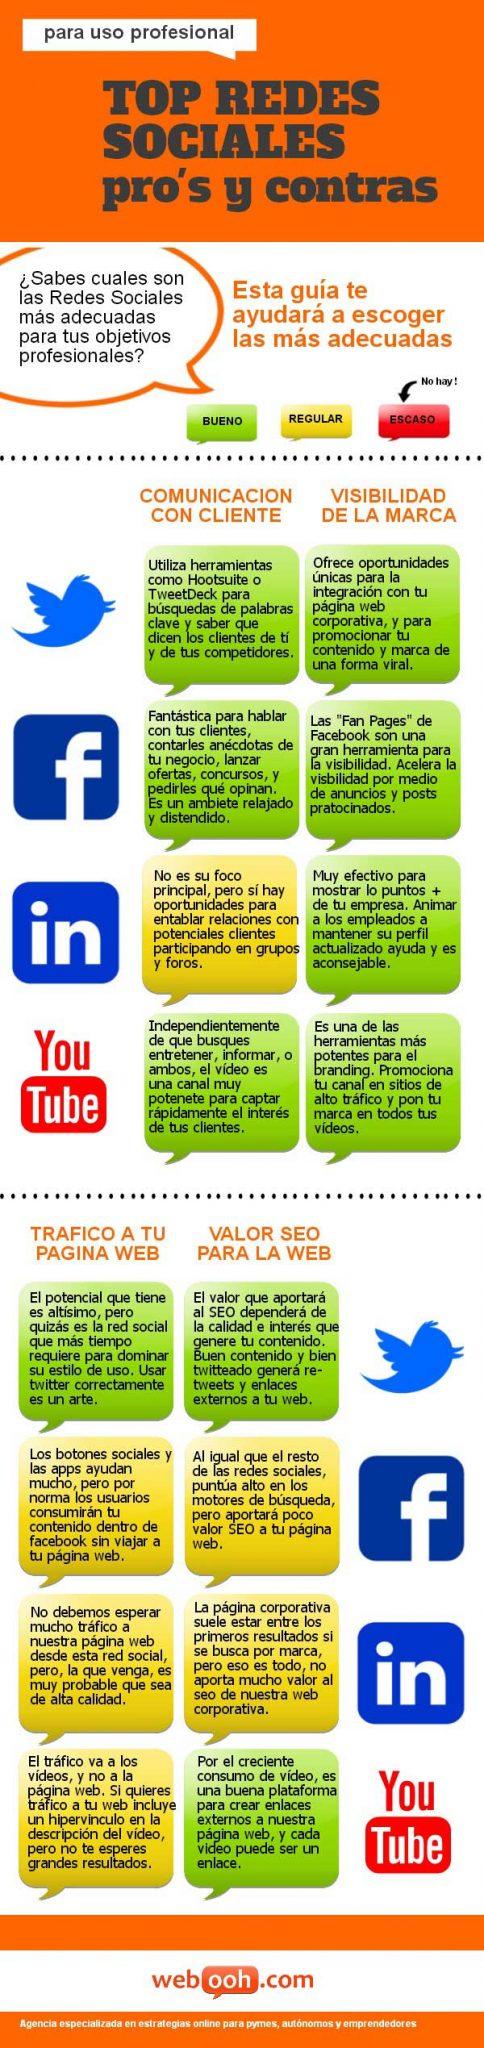 infografia_las_mejores_redes_sociales_para_uso_profesional